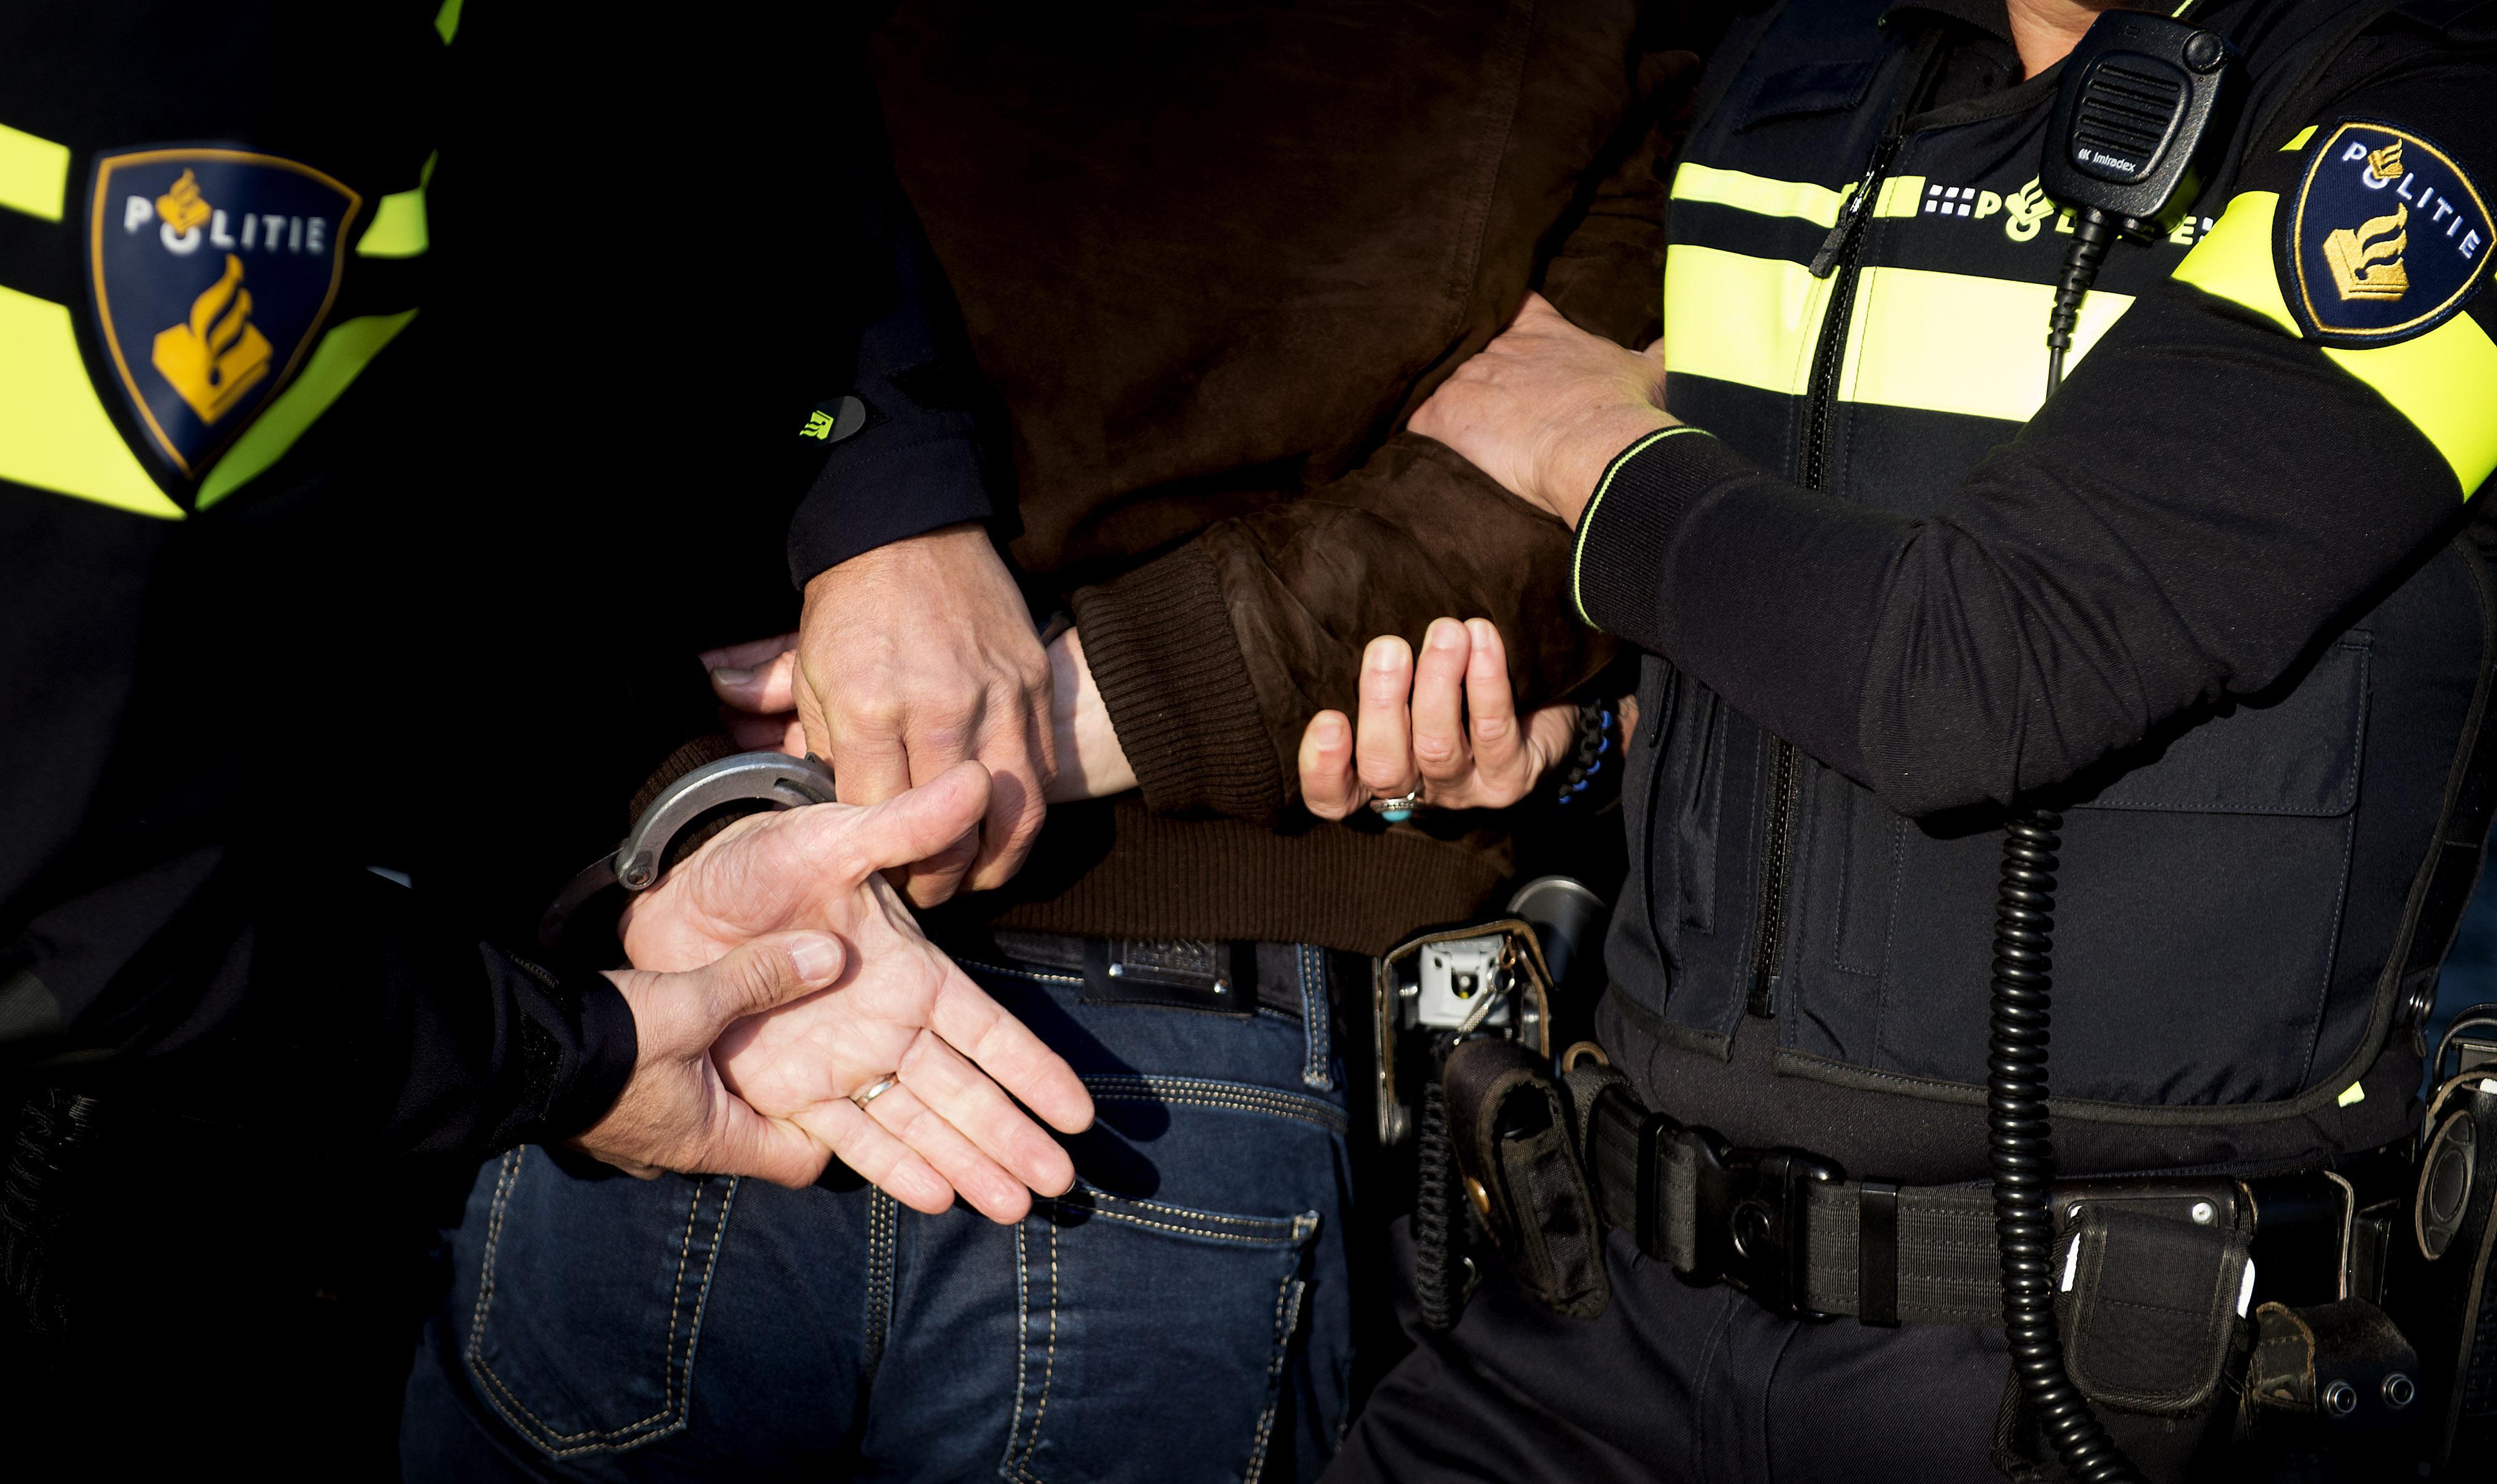 Mogelijke inbreker opgepakt na tips Haarlemse buurtbewoners